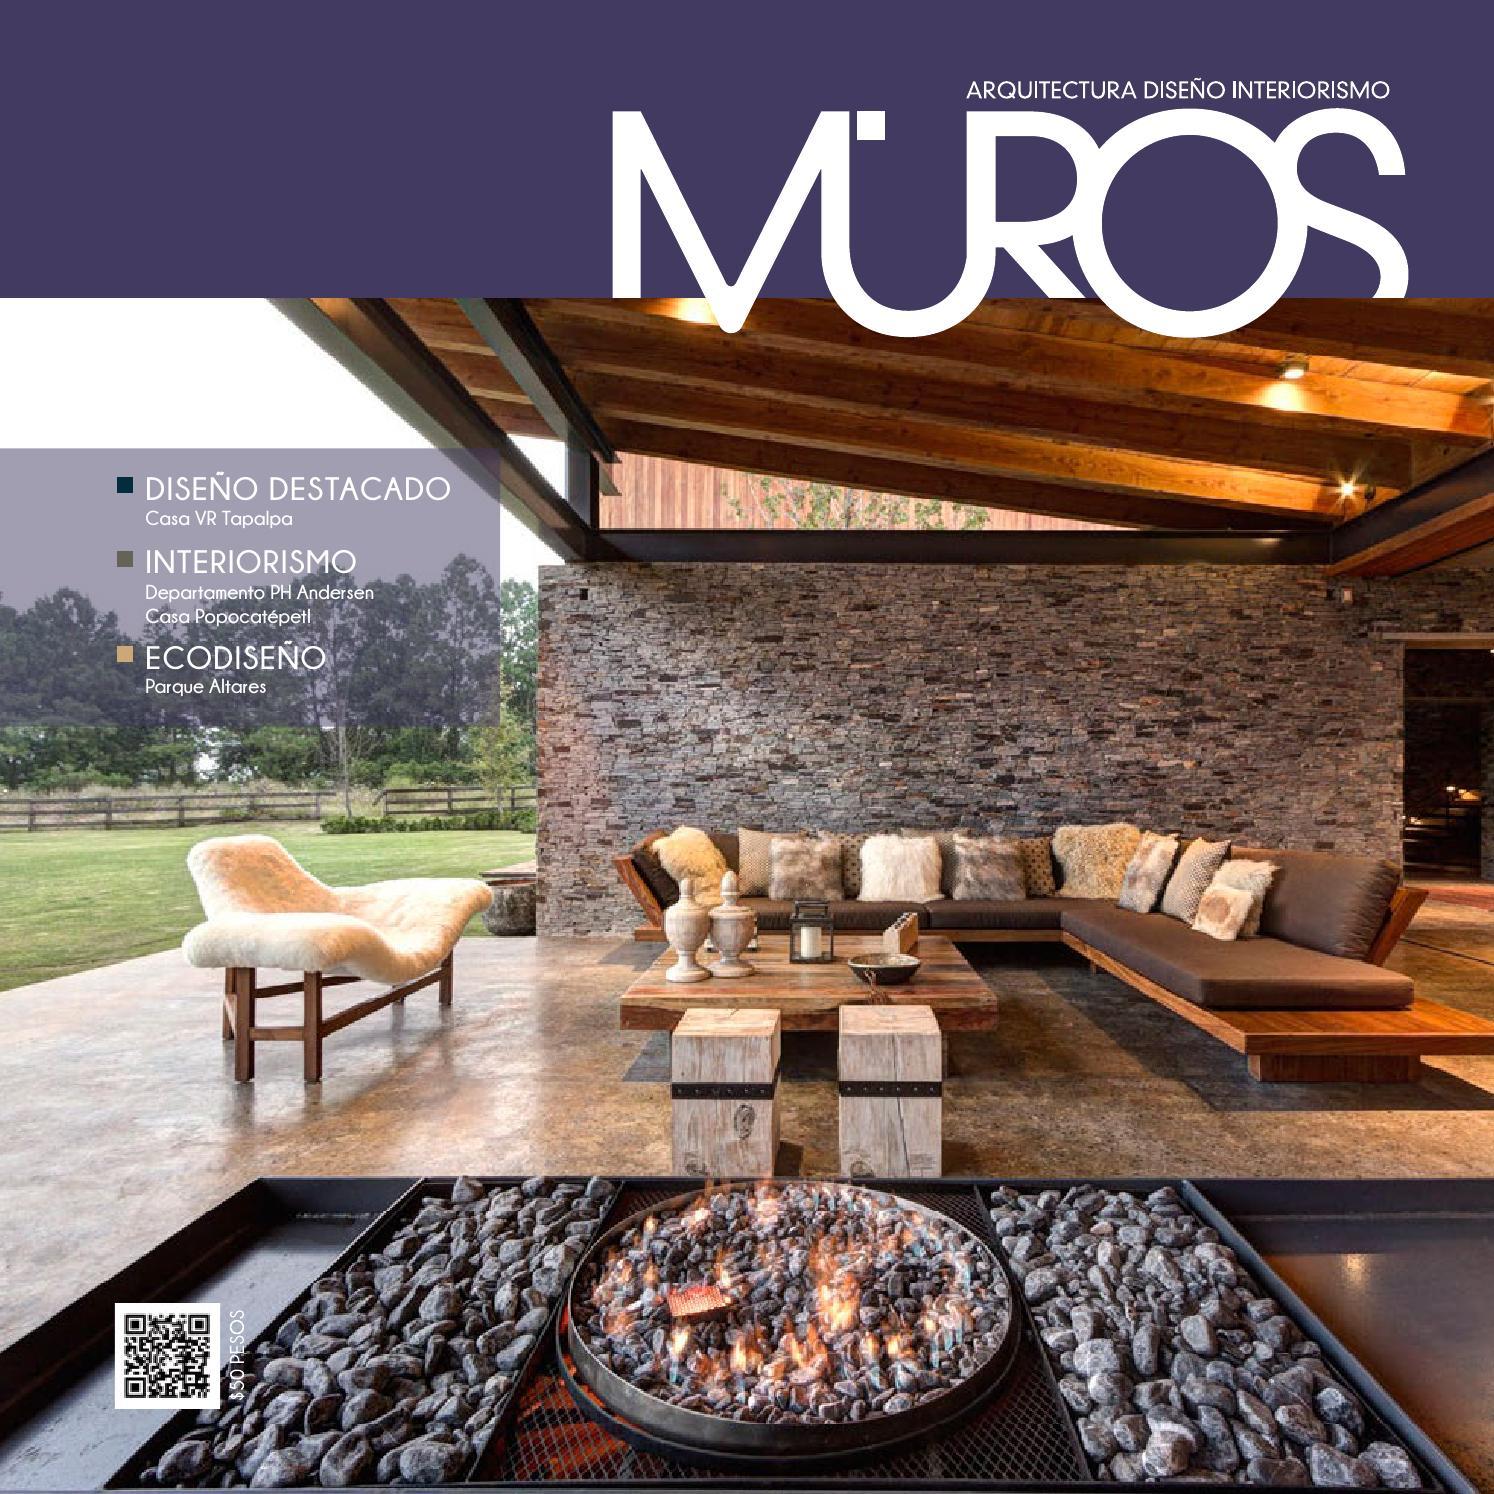 Edici n 20 revista muros arquitectura dise o for Revista habitat arquitectura diseno interiorismo